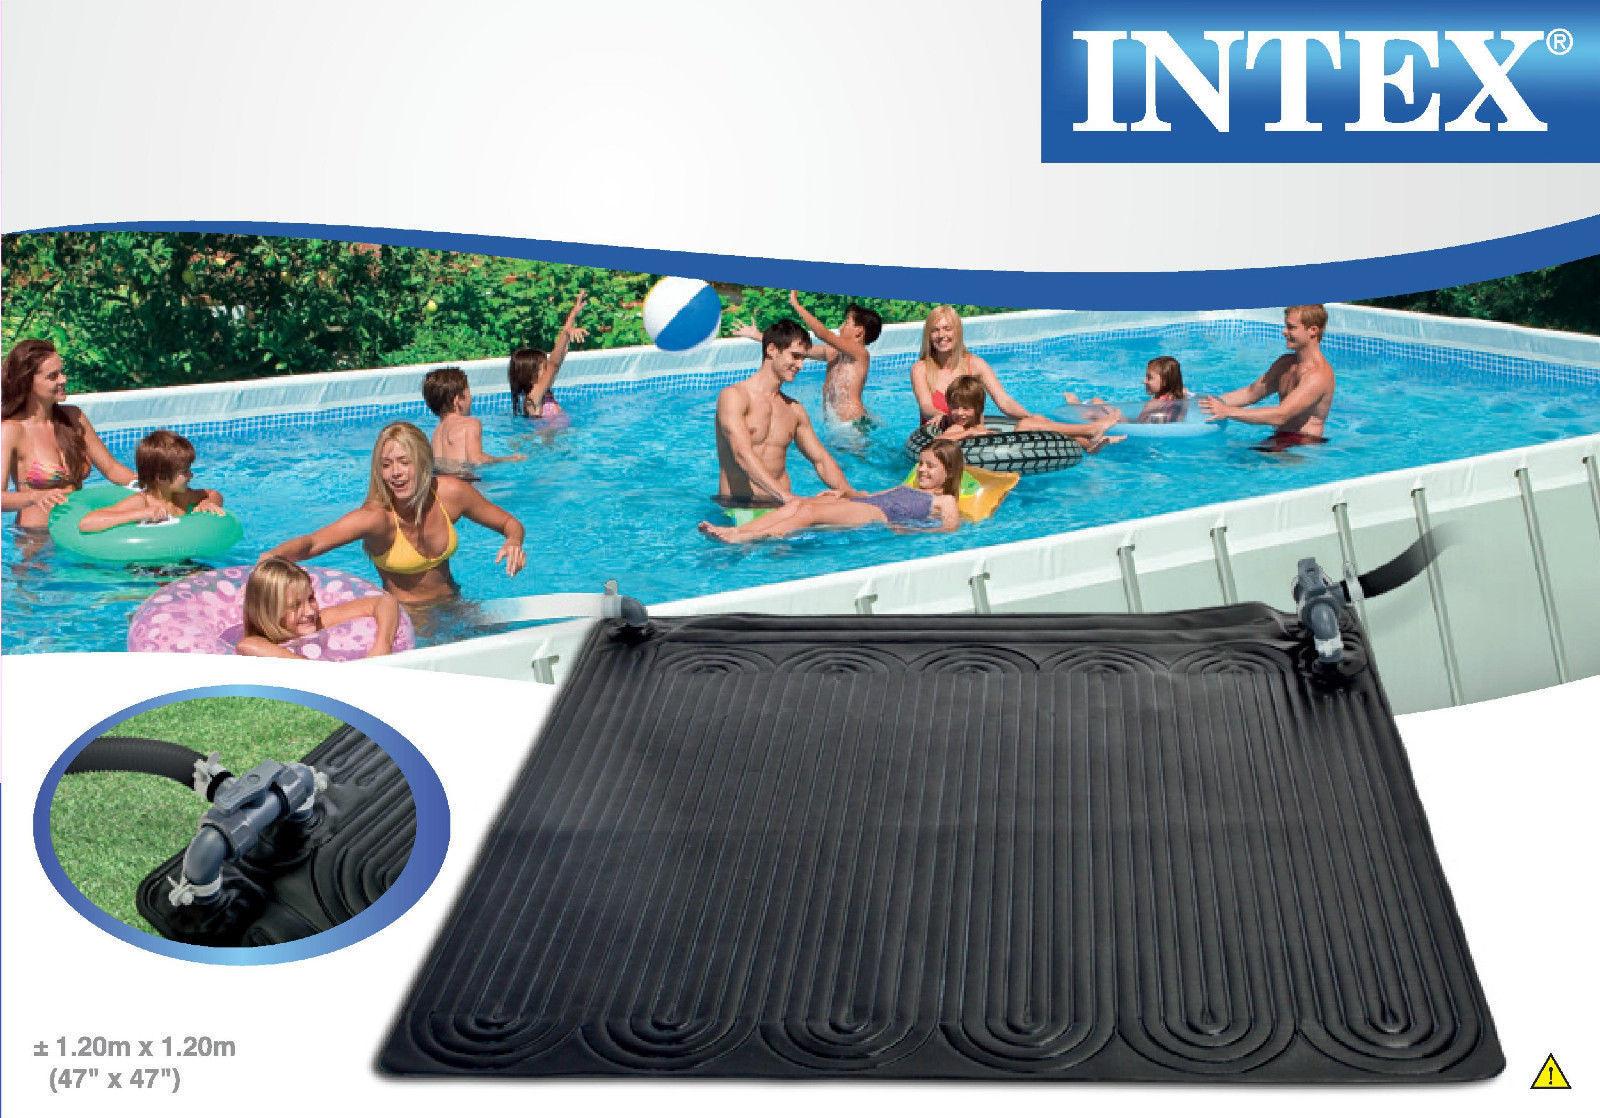 Tappeto pannello solare riscaldamento acqua piscina intex 28685 cm 120x120 rotex ebay - Acqua orecchie piscina ...